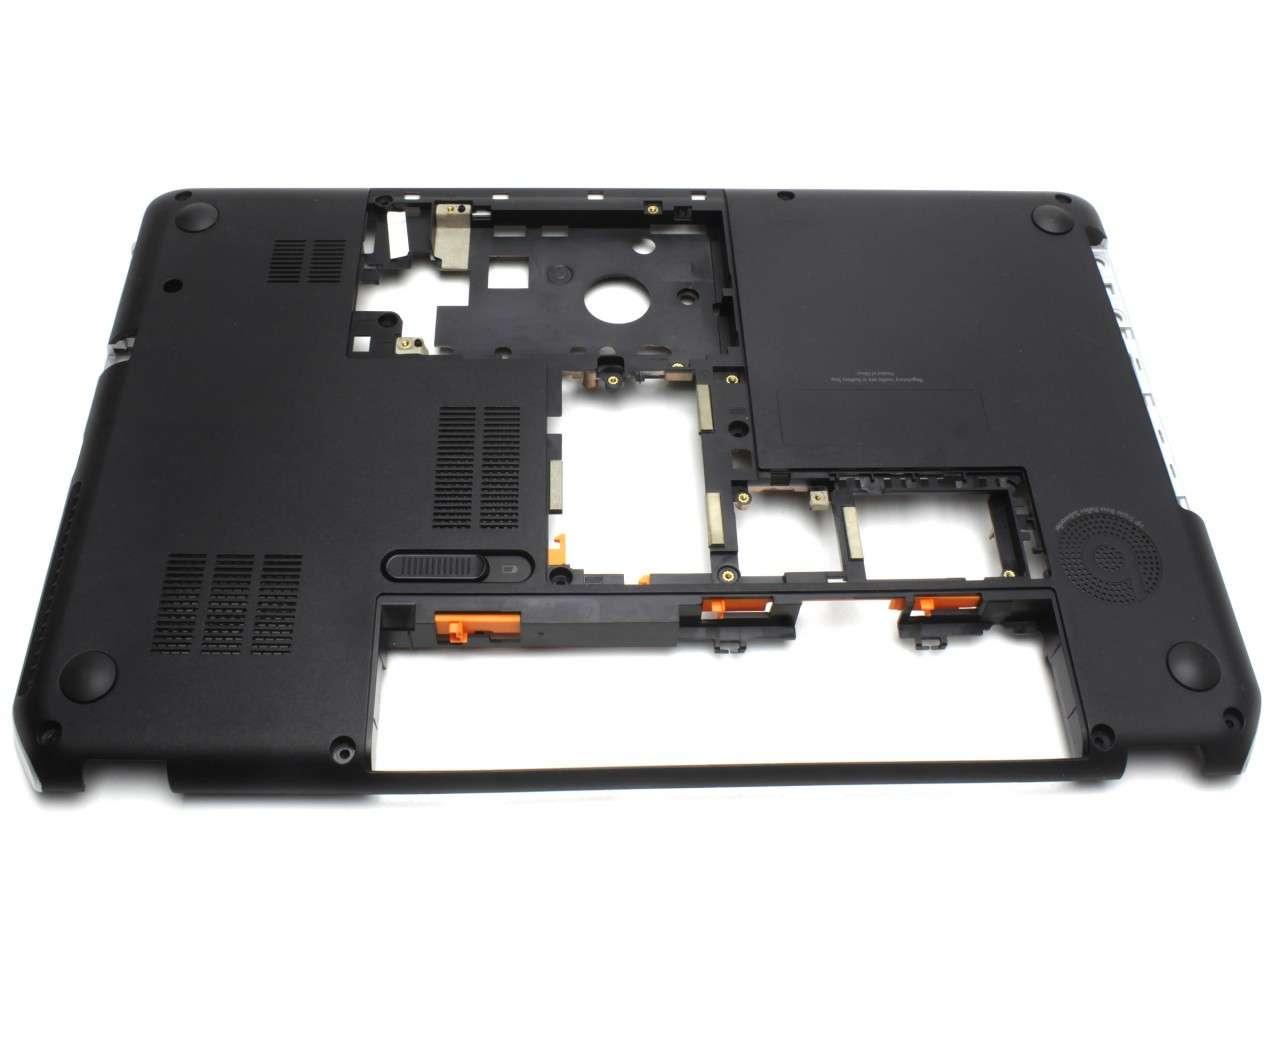 Bottom Case HP Envy M6 1000 Carcasa Inferioara Neagra imagine powerlaptop.ro 2021